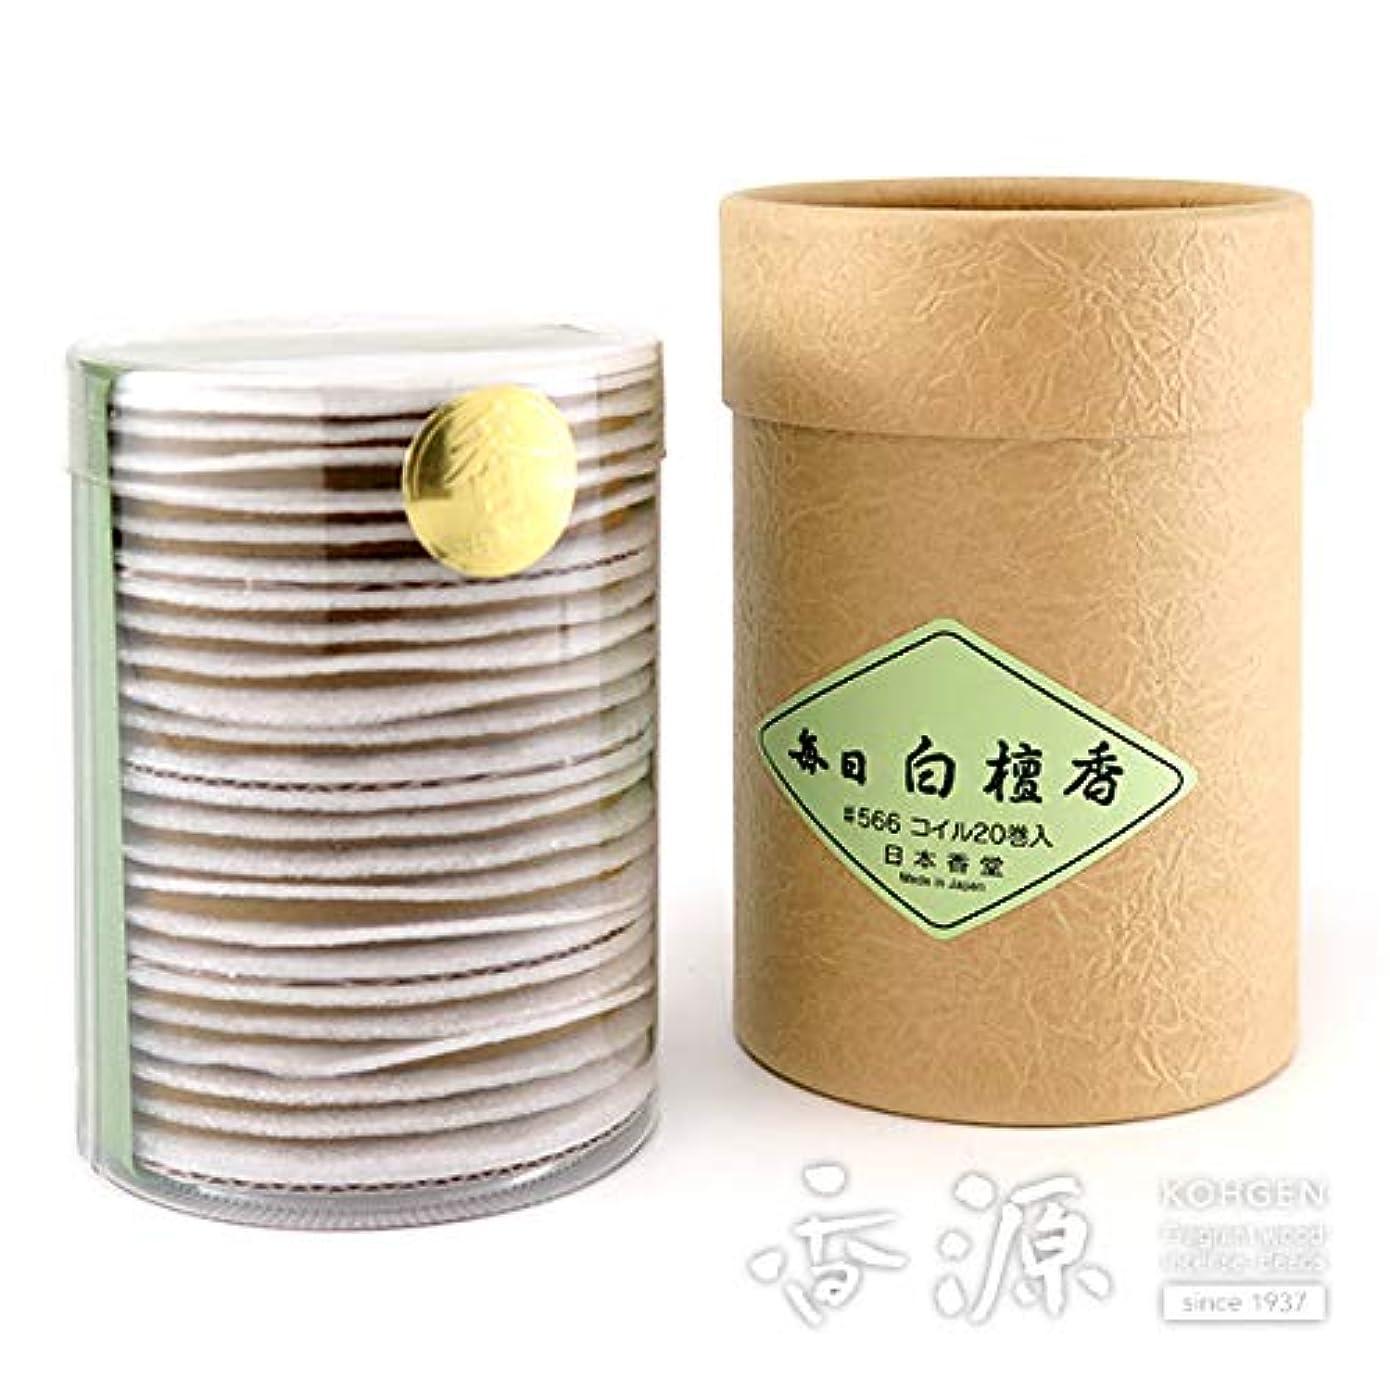 メディック冊子聖職者日本香堂のお香 毎日白檀香 徳用渦巻型20枚入